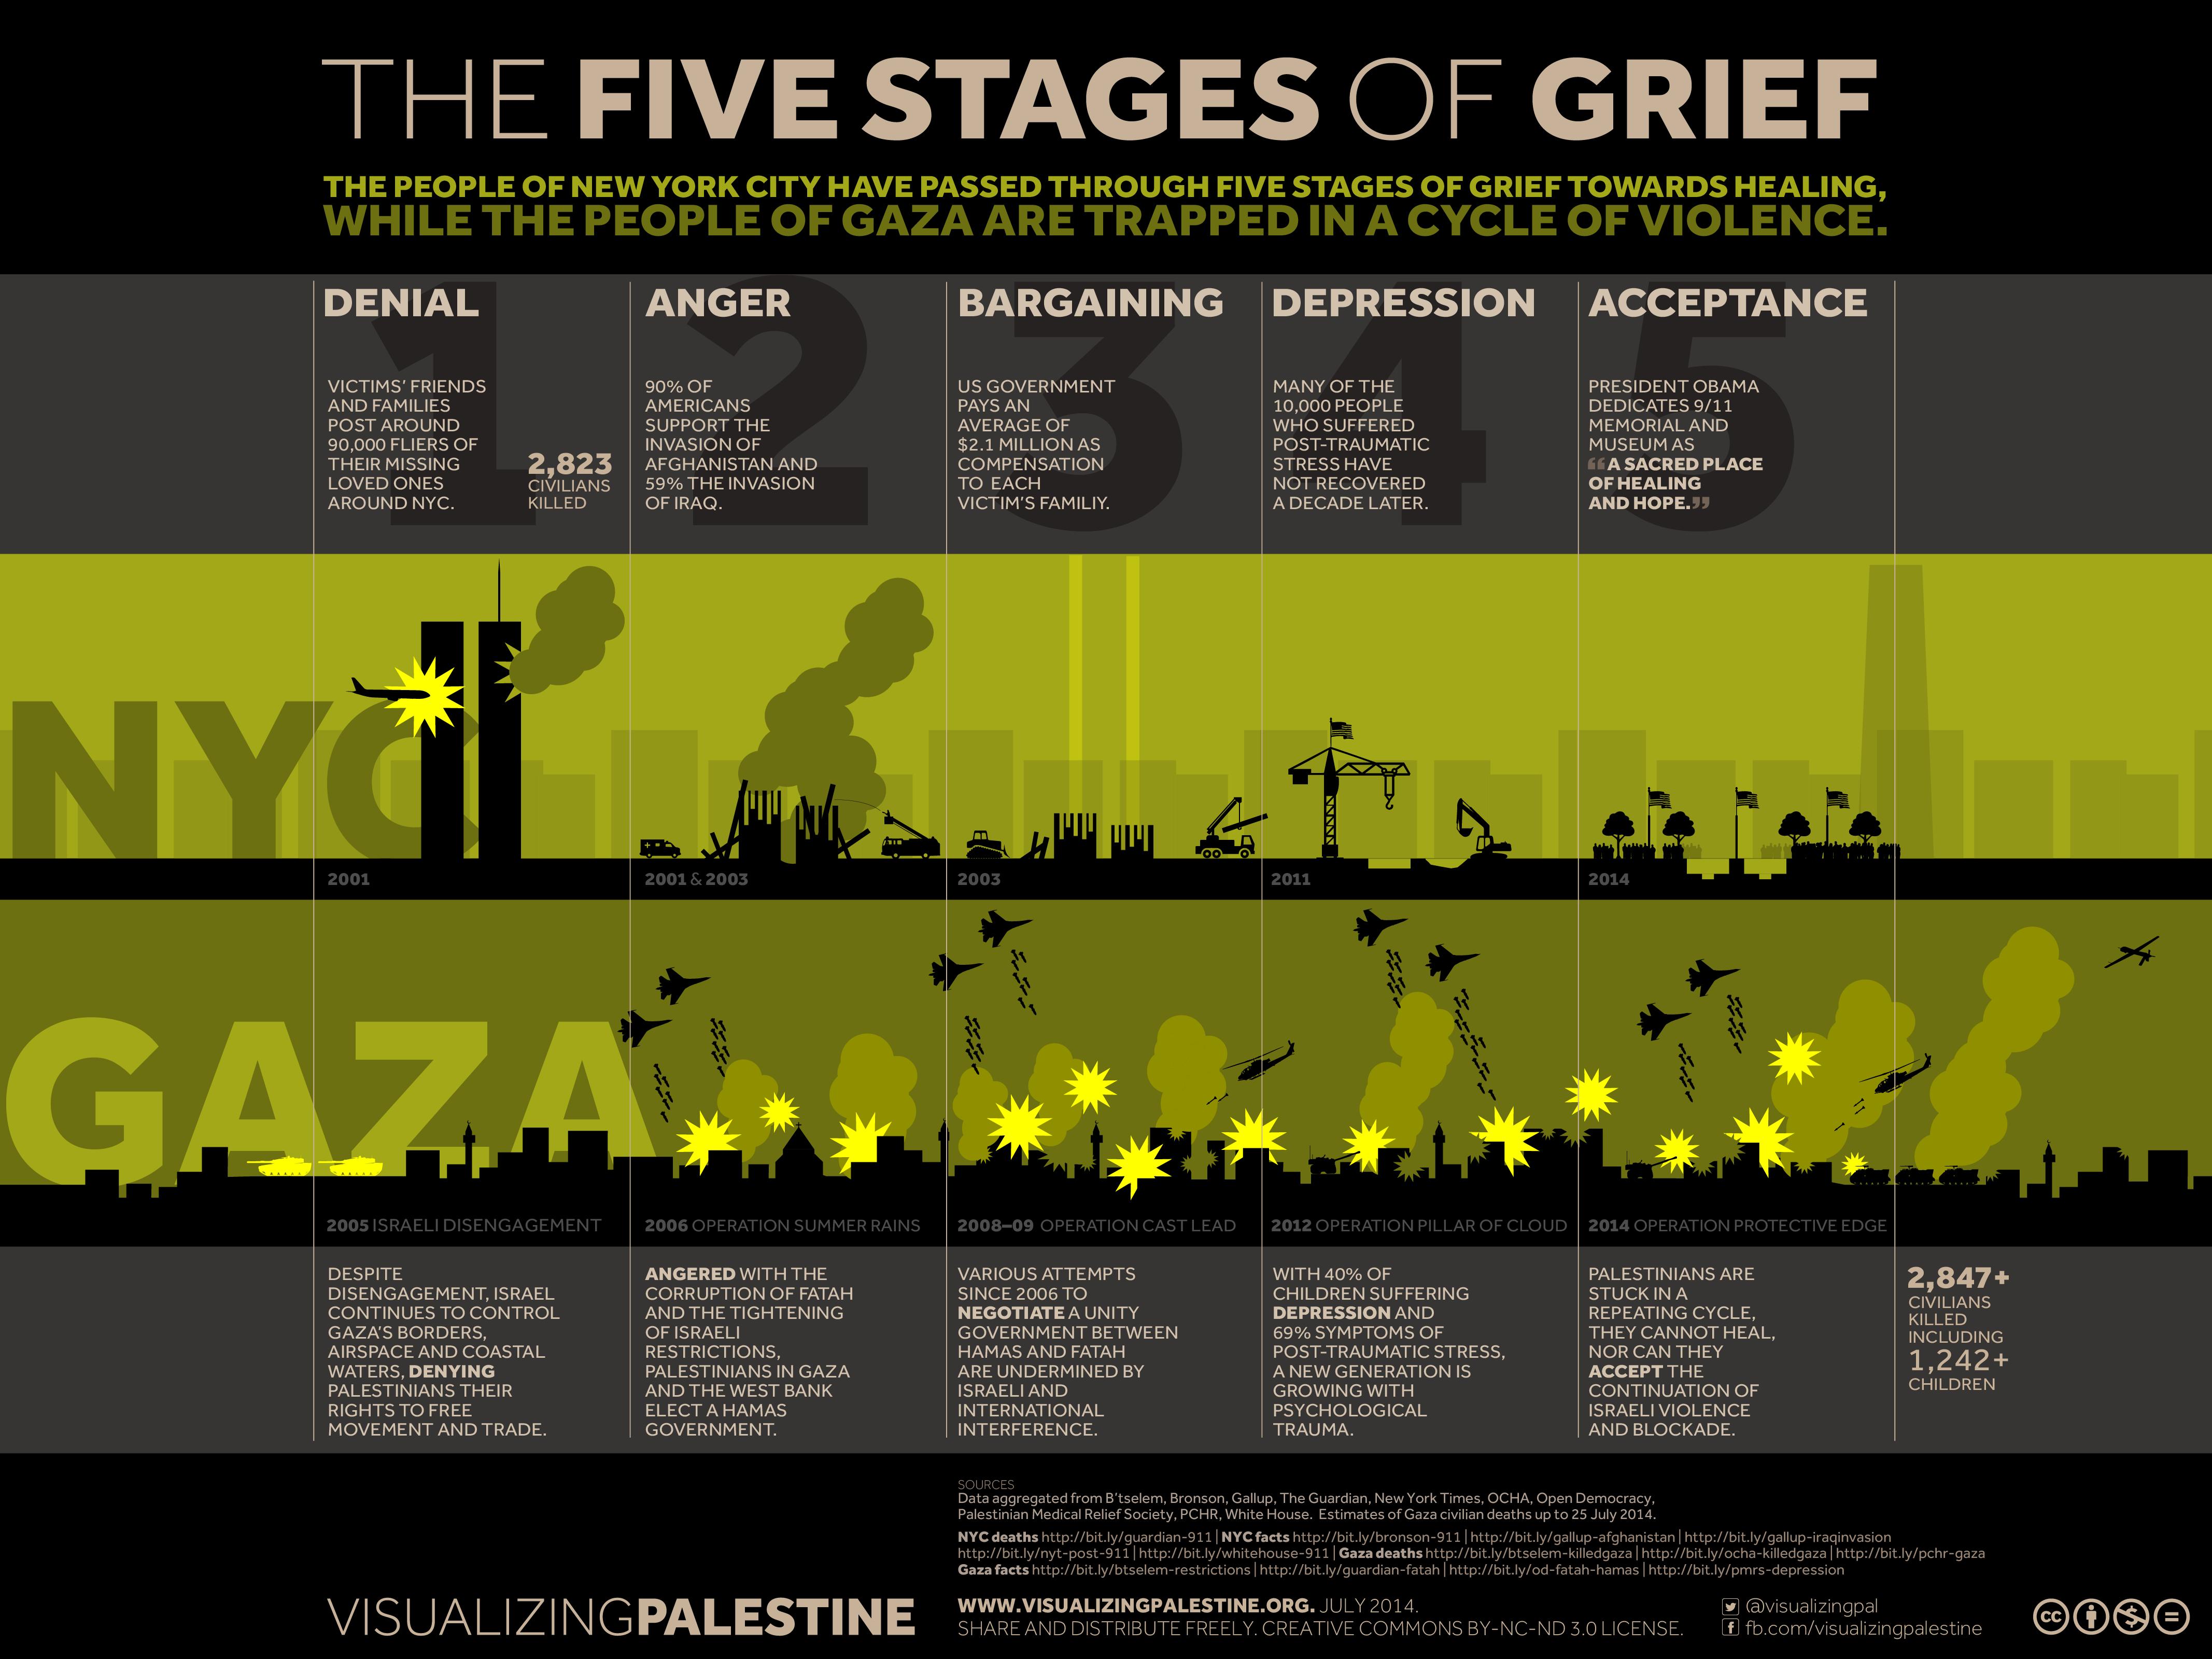 vp-gaza-grief-2014-07-26-01